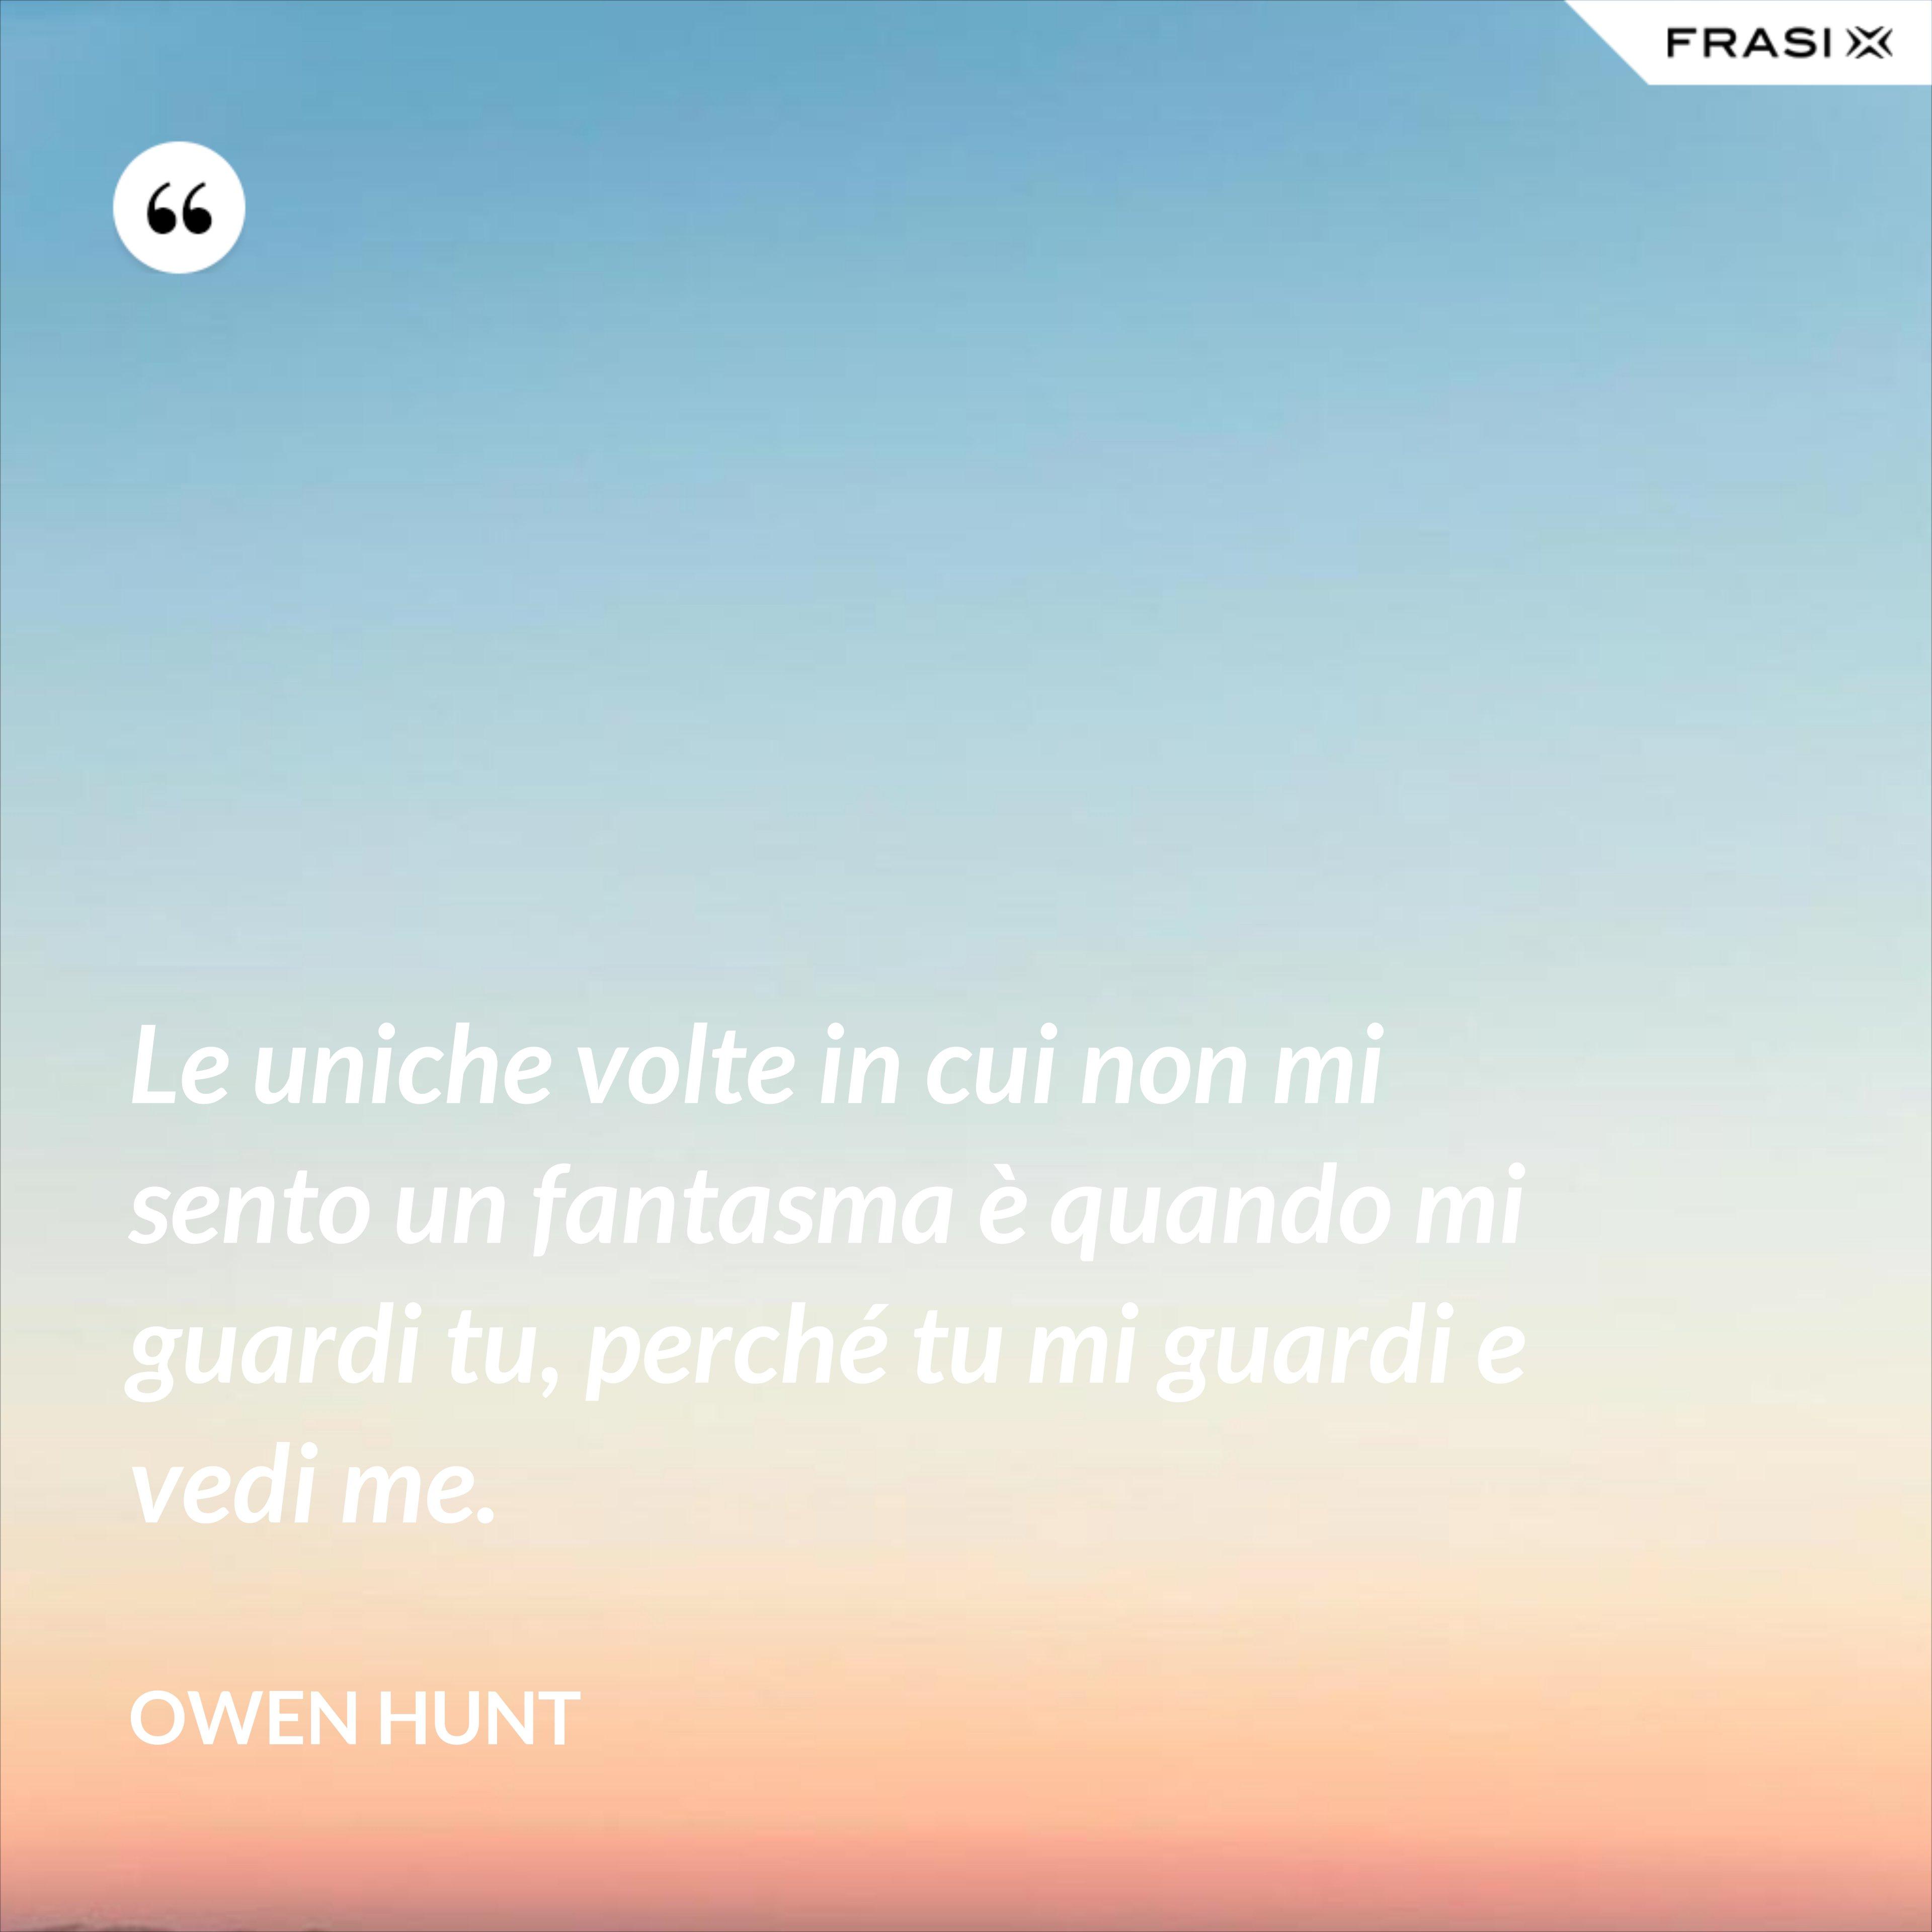 Le uniche volte in cui non mi sento un fantasma è quando mi guardi tu, perché tu mi guardi e vedi me. - Owen Hunt